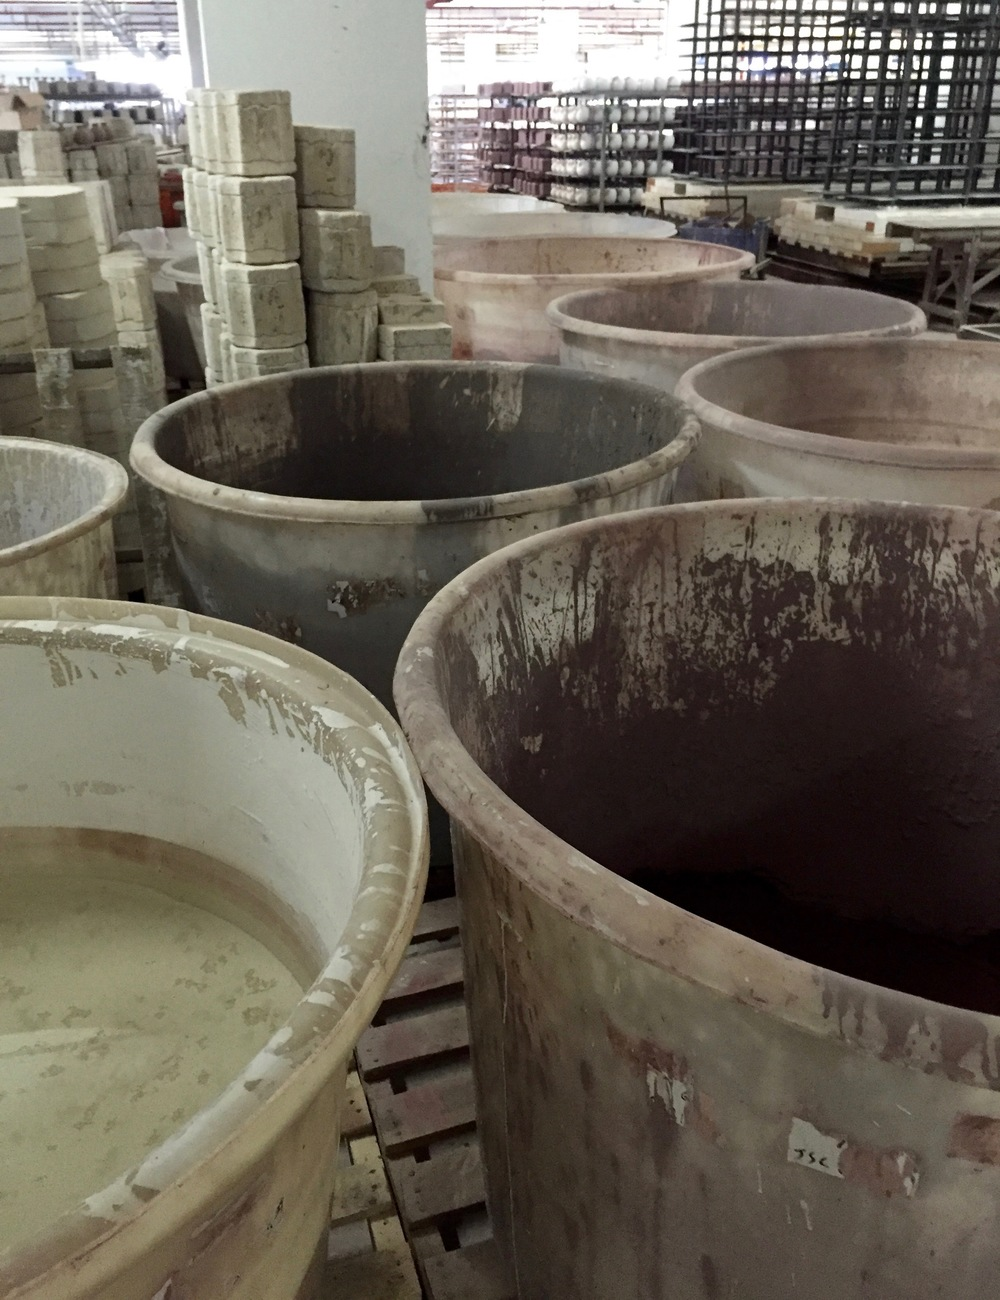 Glaze buckets